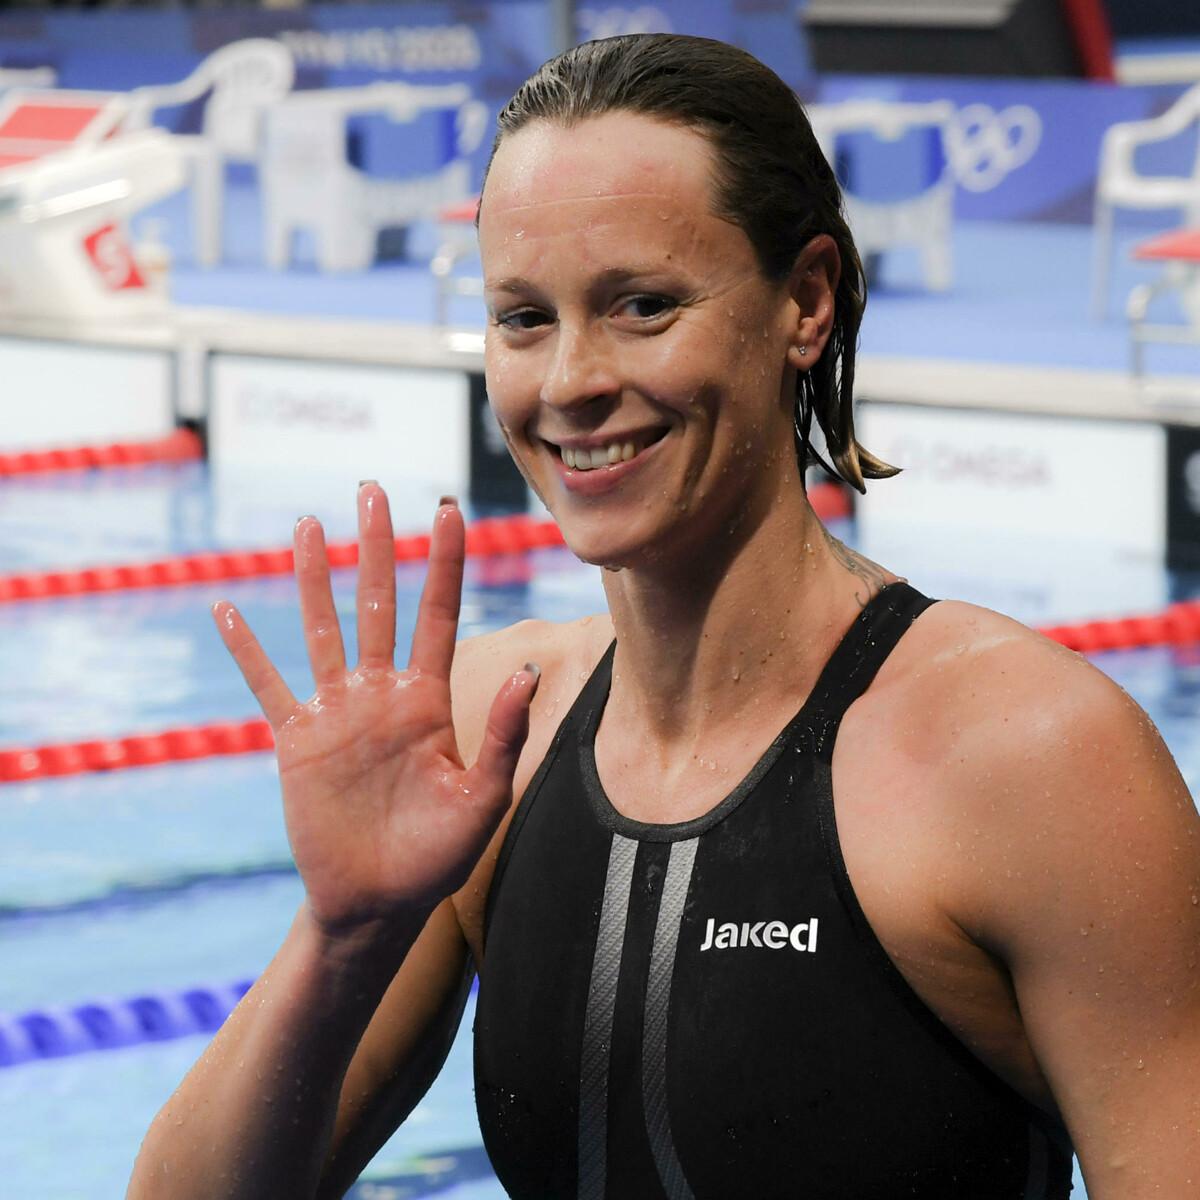 """Federica Pellegrini saluta le Olimpiadi e guarda al futuro: """"In politica? Non sono diplomatica"""""""